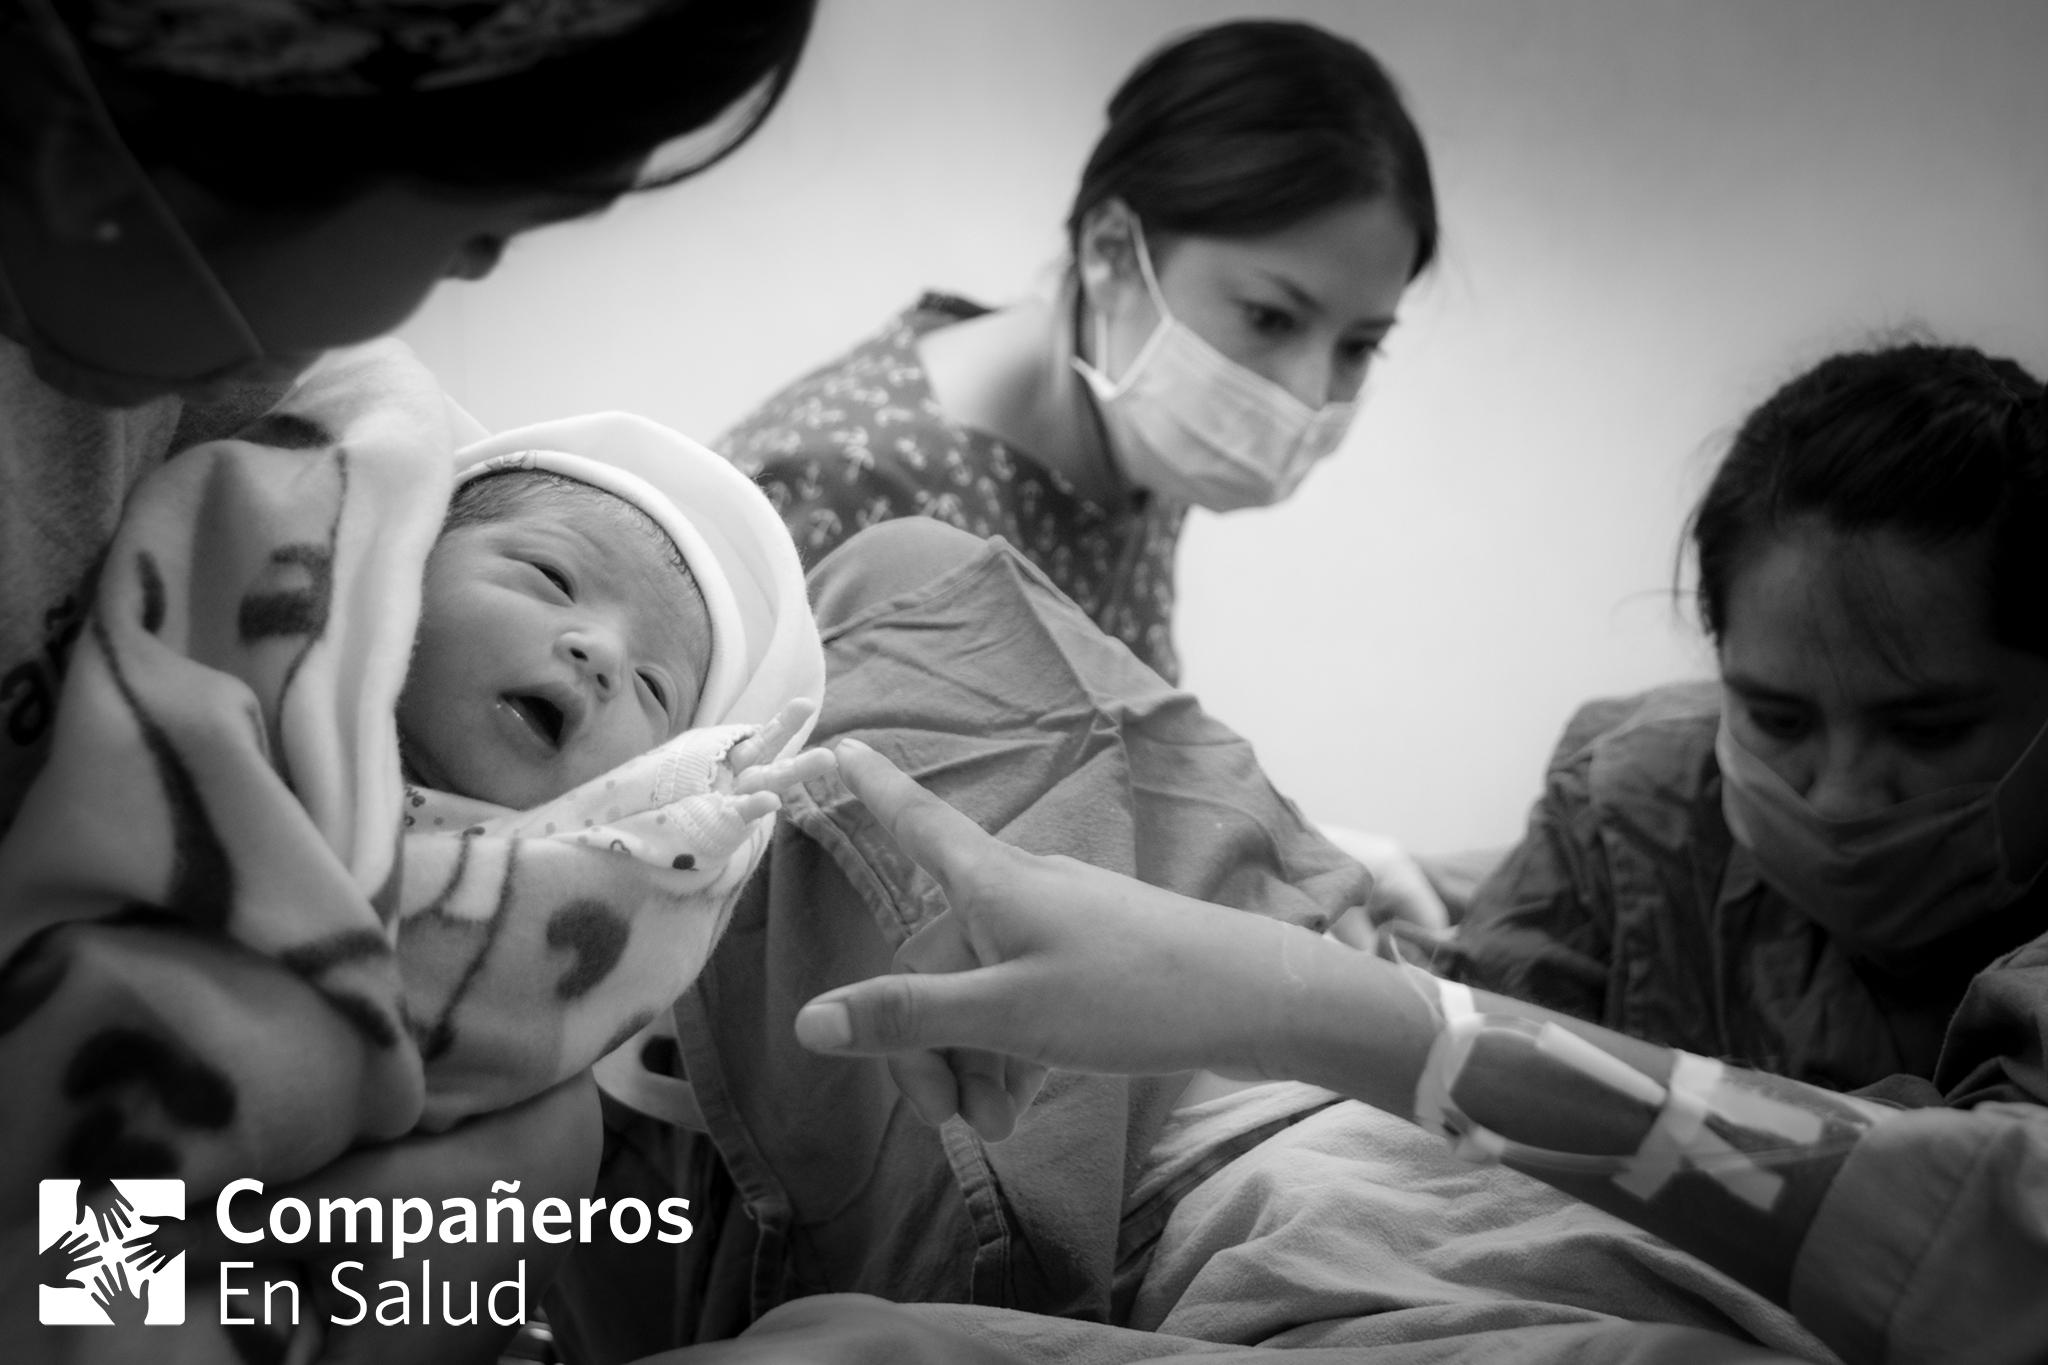 La ginecóloga Rose Molina supervisa a la pasante de enfermería y obstetricia Yessica García al término de un parto. La Dra. Andrea Reyes le muestra el bebé a su mamá, Marisa.